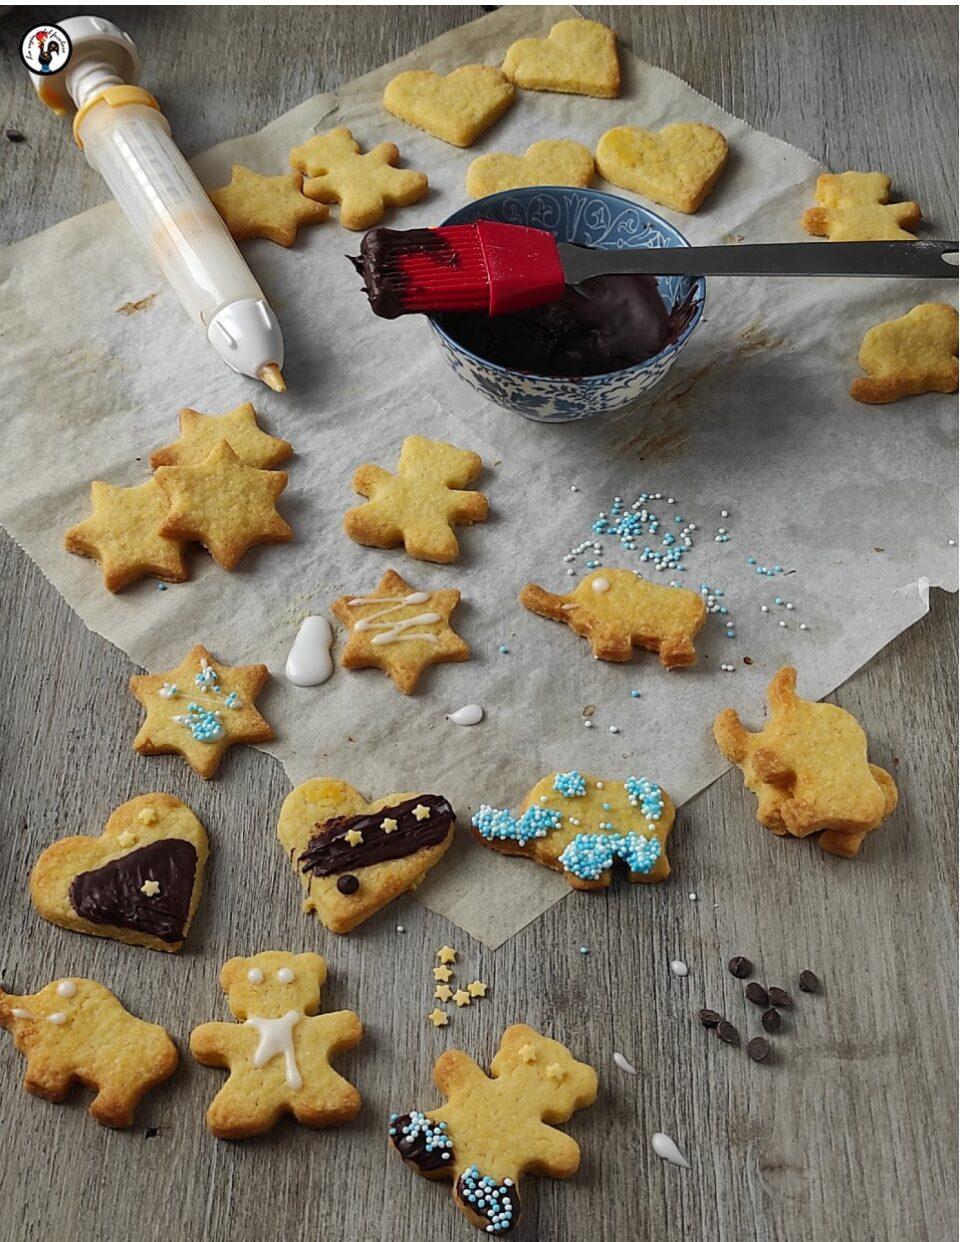 Decorare i biscotti con penna e pennello da pasticceria